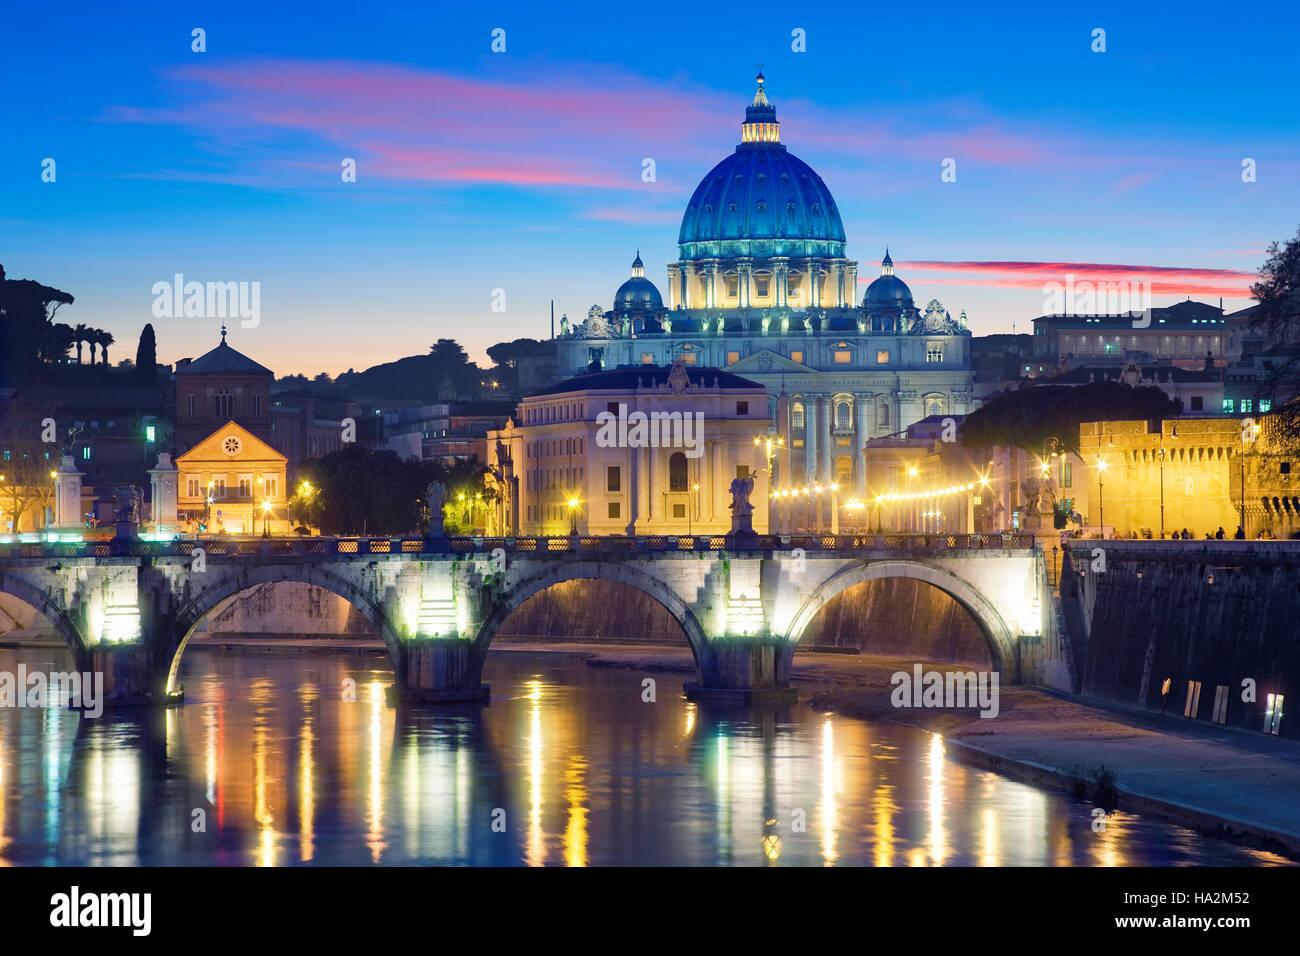 La Basílica de San Pedro en Roma, Italia Imagen De Stock